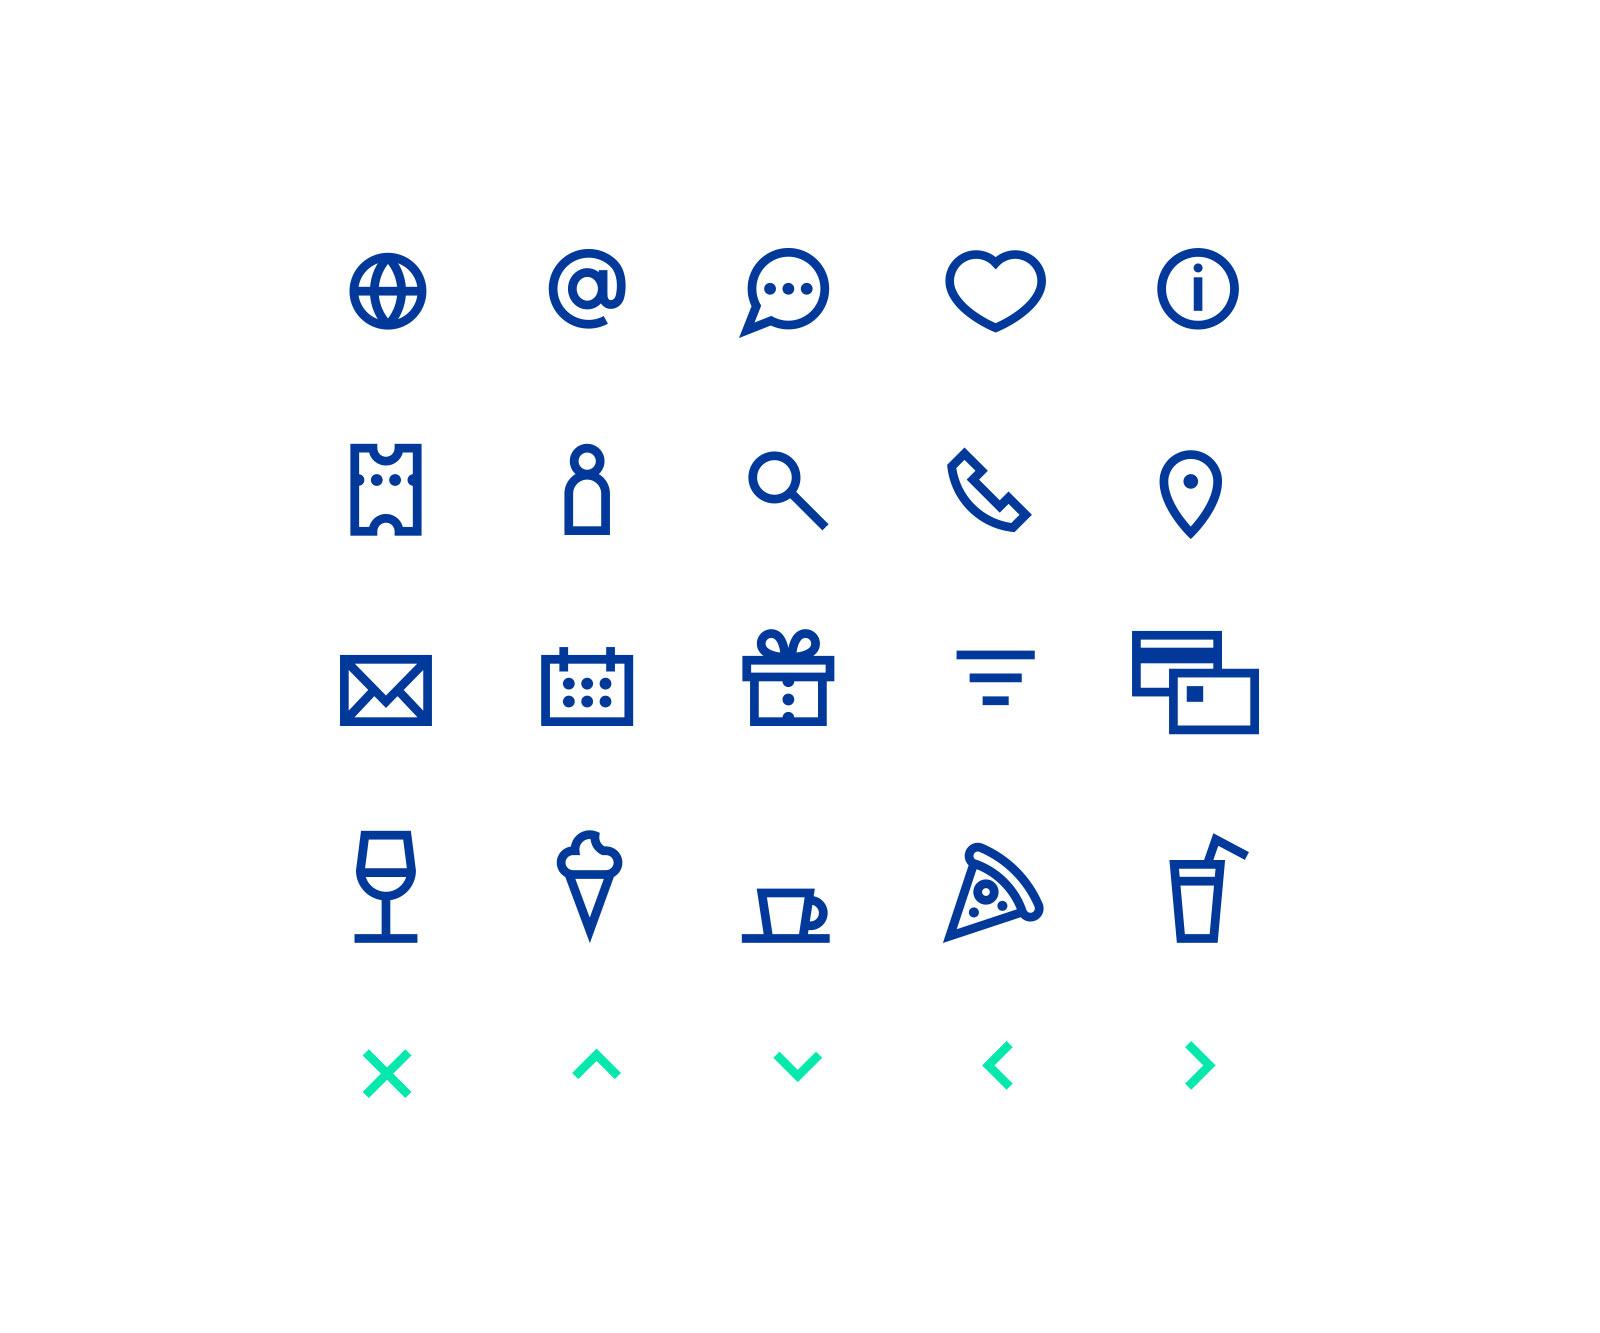 NetTicket: Icons